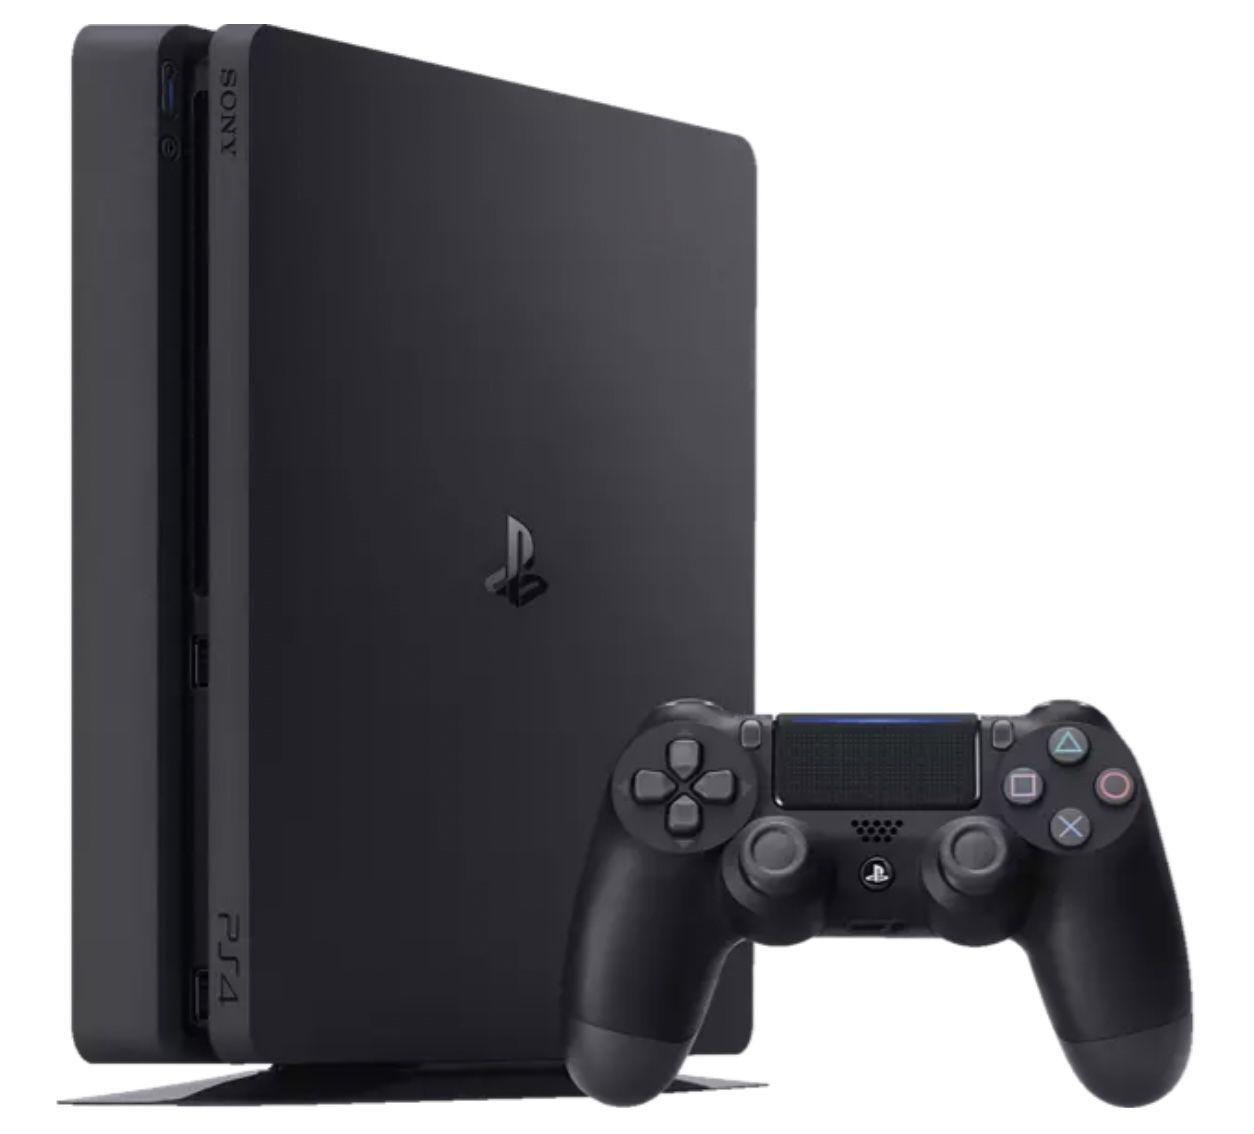 Sony 65 KD 65A8 OLED Fernseher für 1.919,79€ (statt 2.199€) + PS4 inkl. Fifa 21 & 100€ PS Guthaben